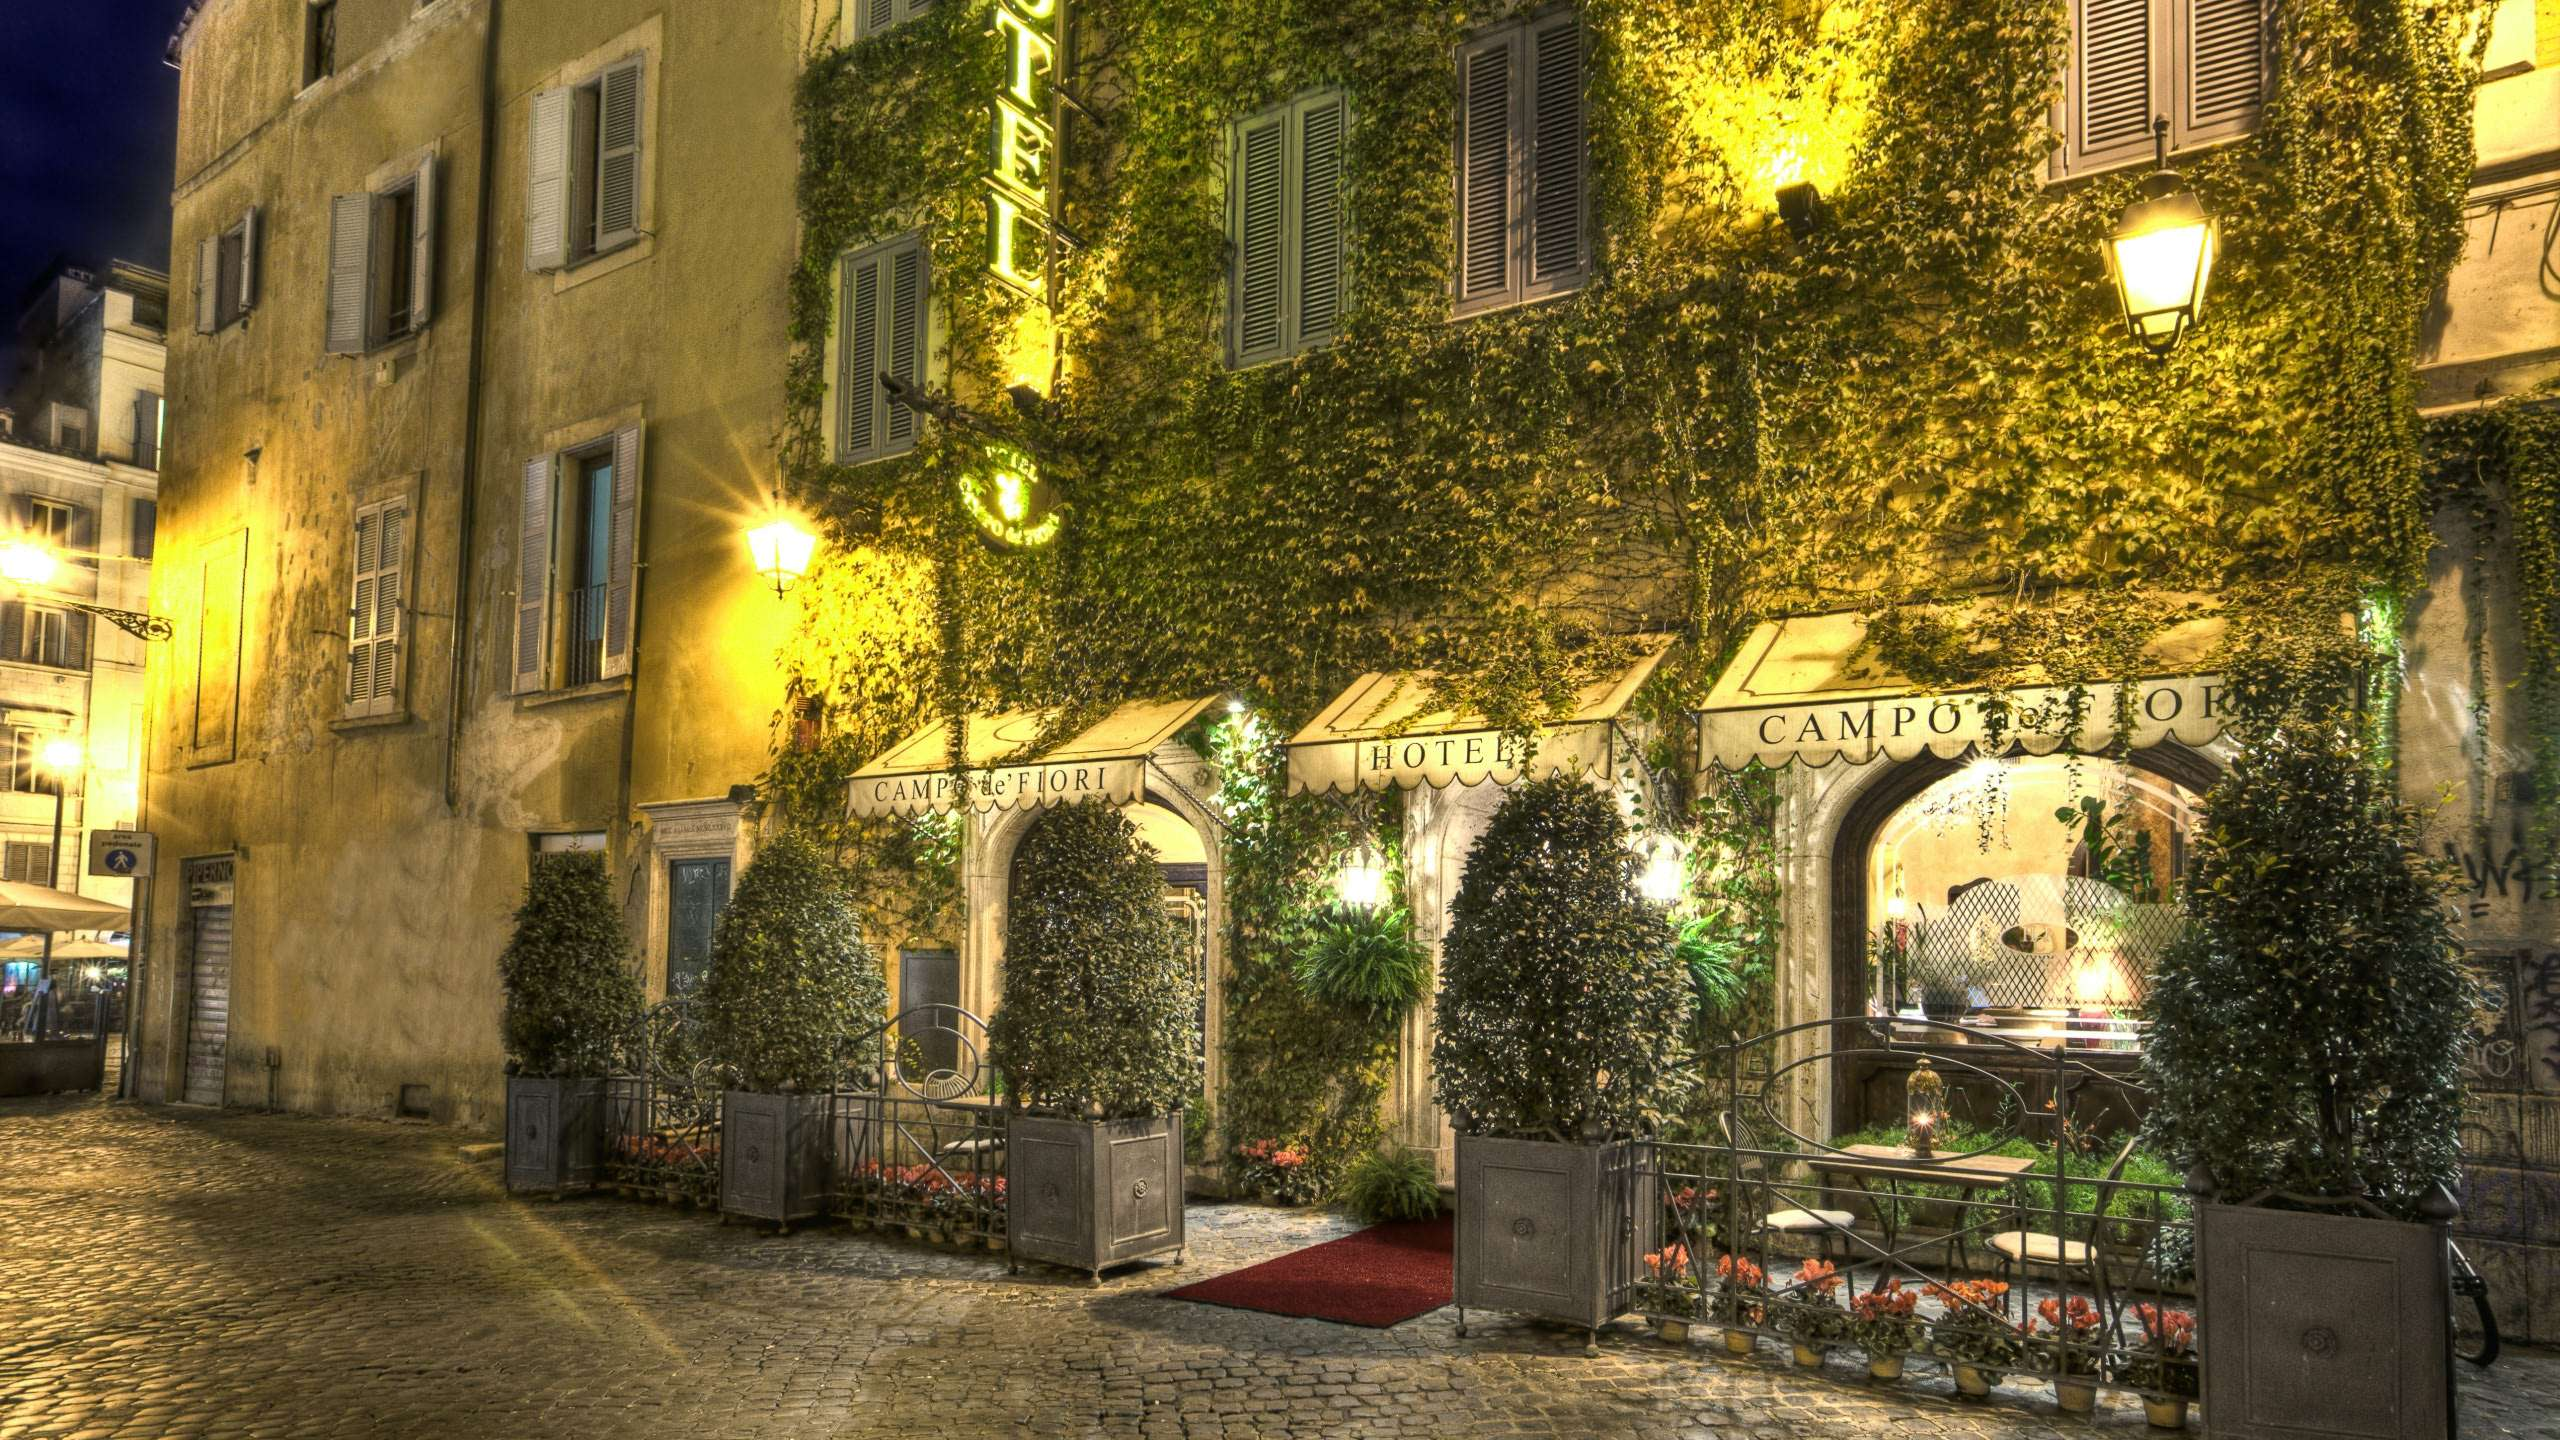 Boutique hotel campo de 39 fiori roma sito ufficiale for Boutique hotel drome